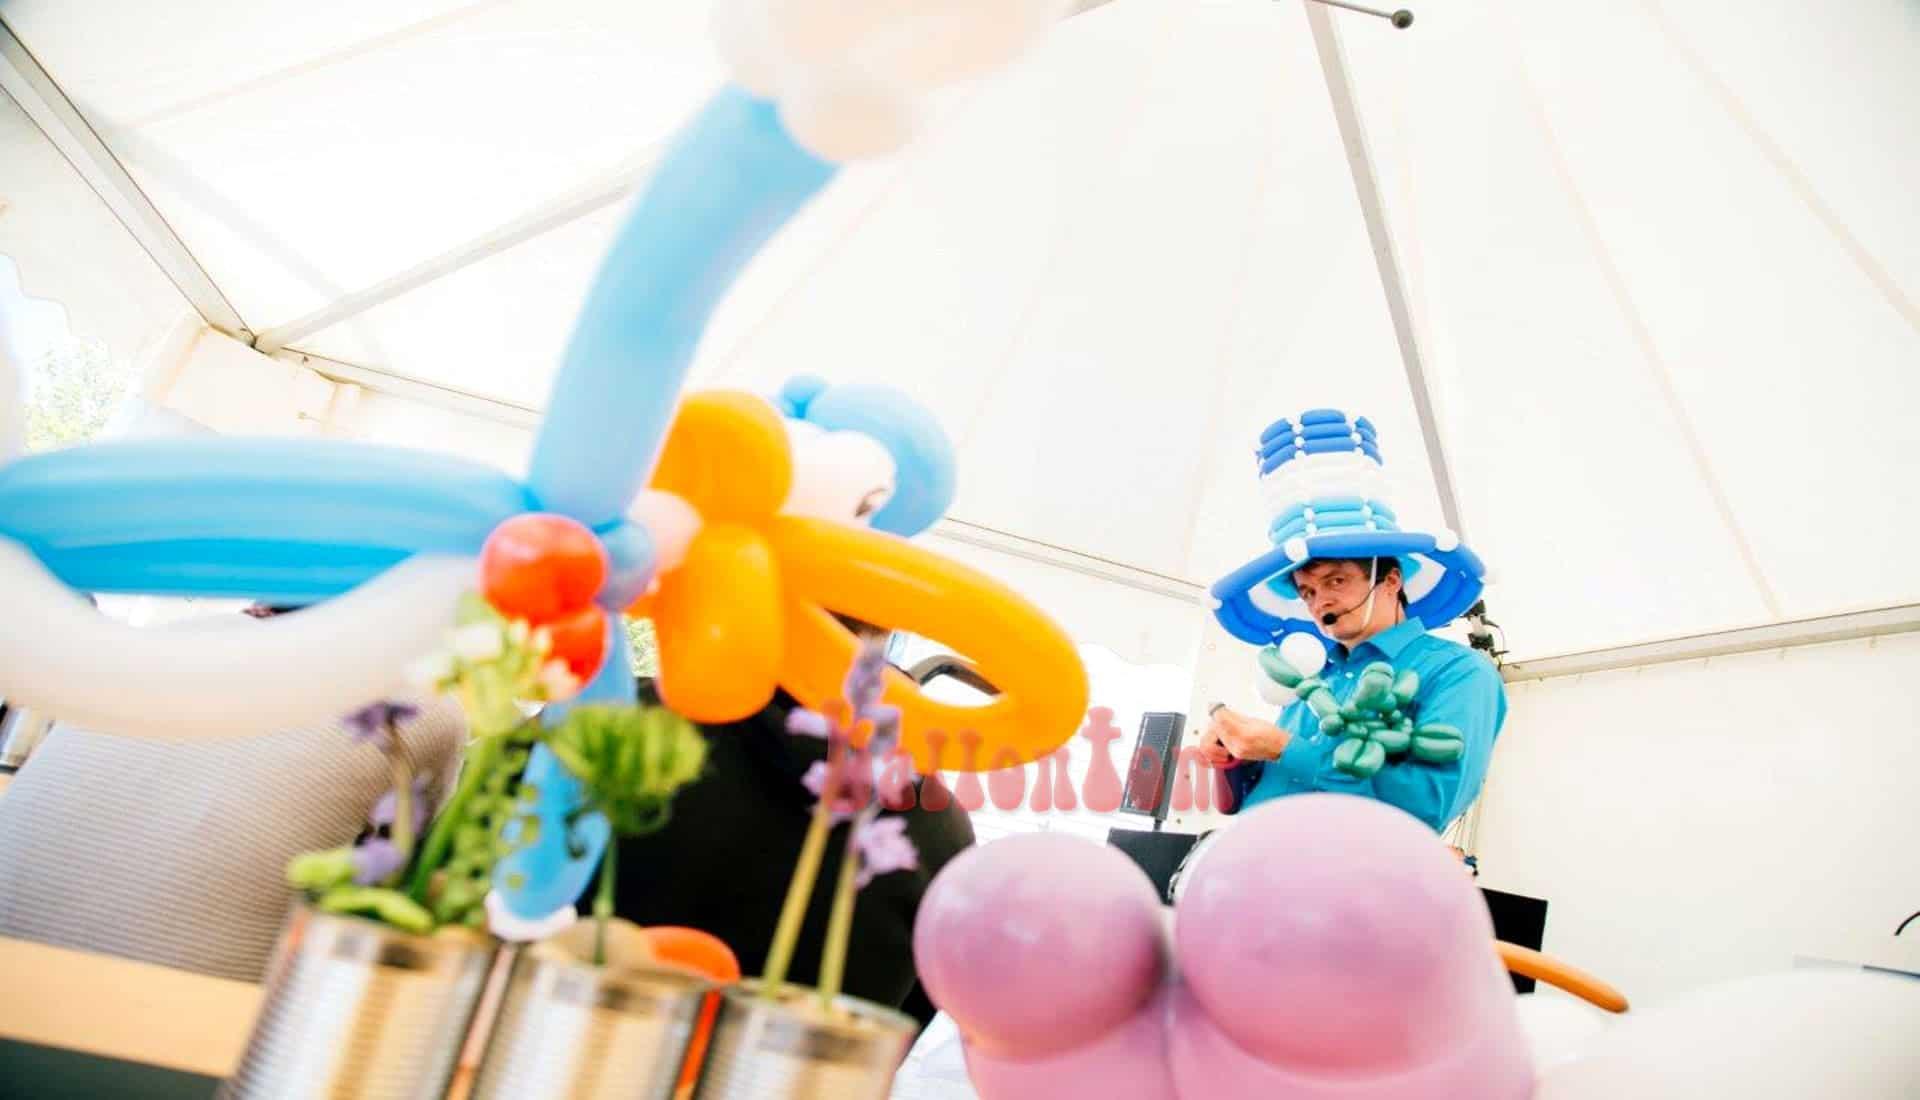 Ballonkünstler ballontom bei Linde Gas München